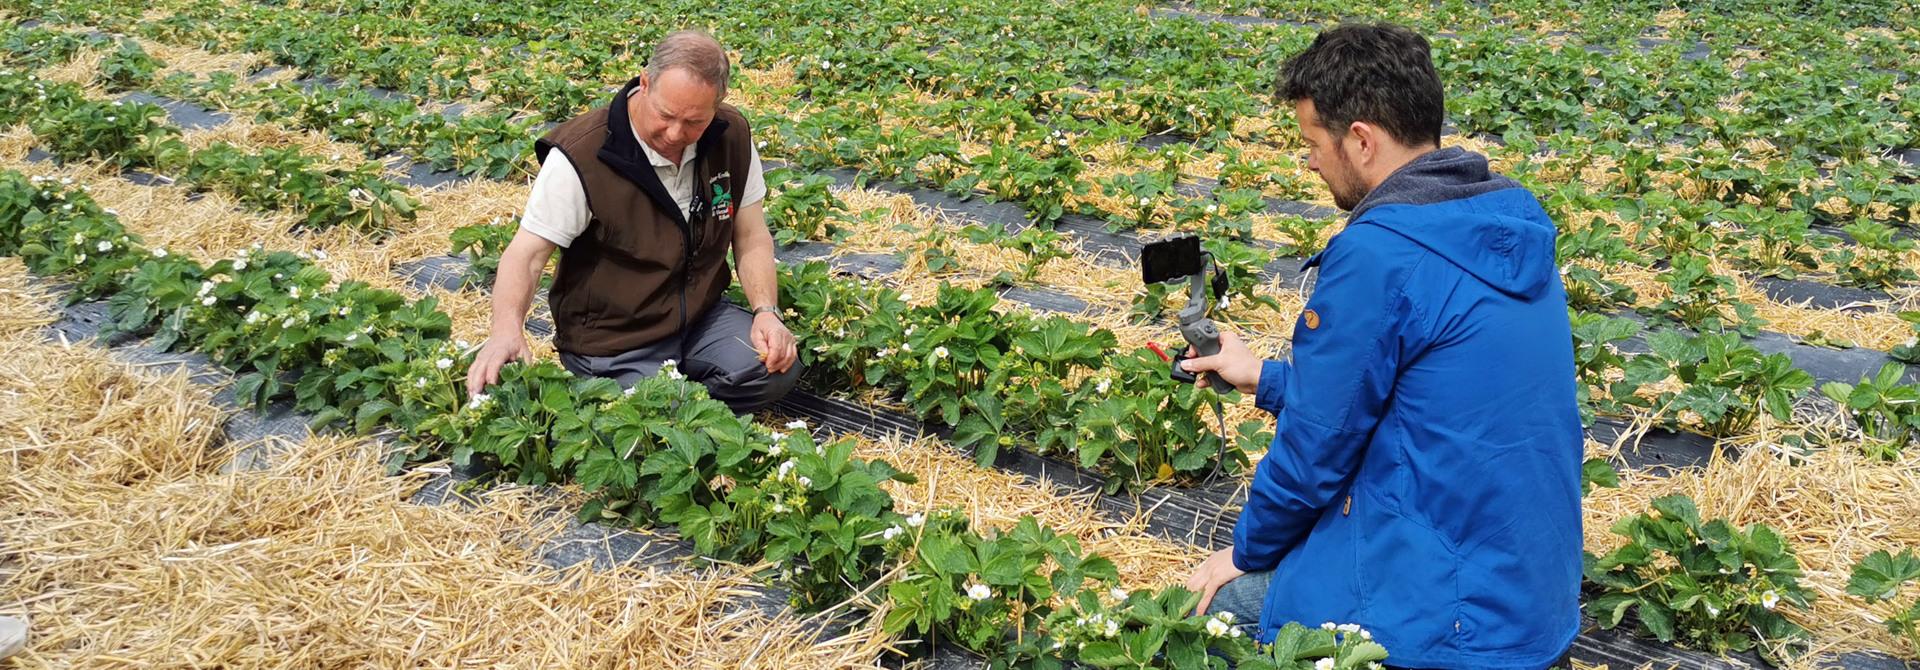 Bei der Aufzeichnung der Videos von Michael Wahl auf dem Betrieb Vetsch wurde sehr ins Detail gegangen und alle Zuschauen waren auf Augenhu00f6he mit dem Produzenten und den Erdbeerpflanzen>